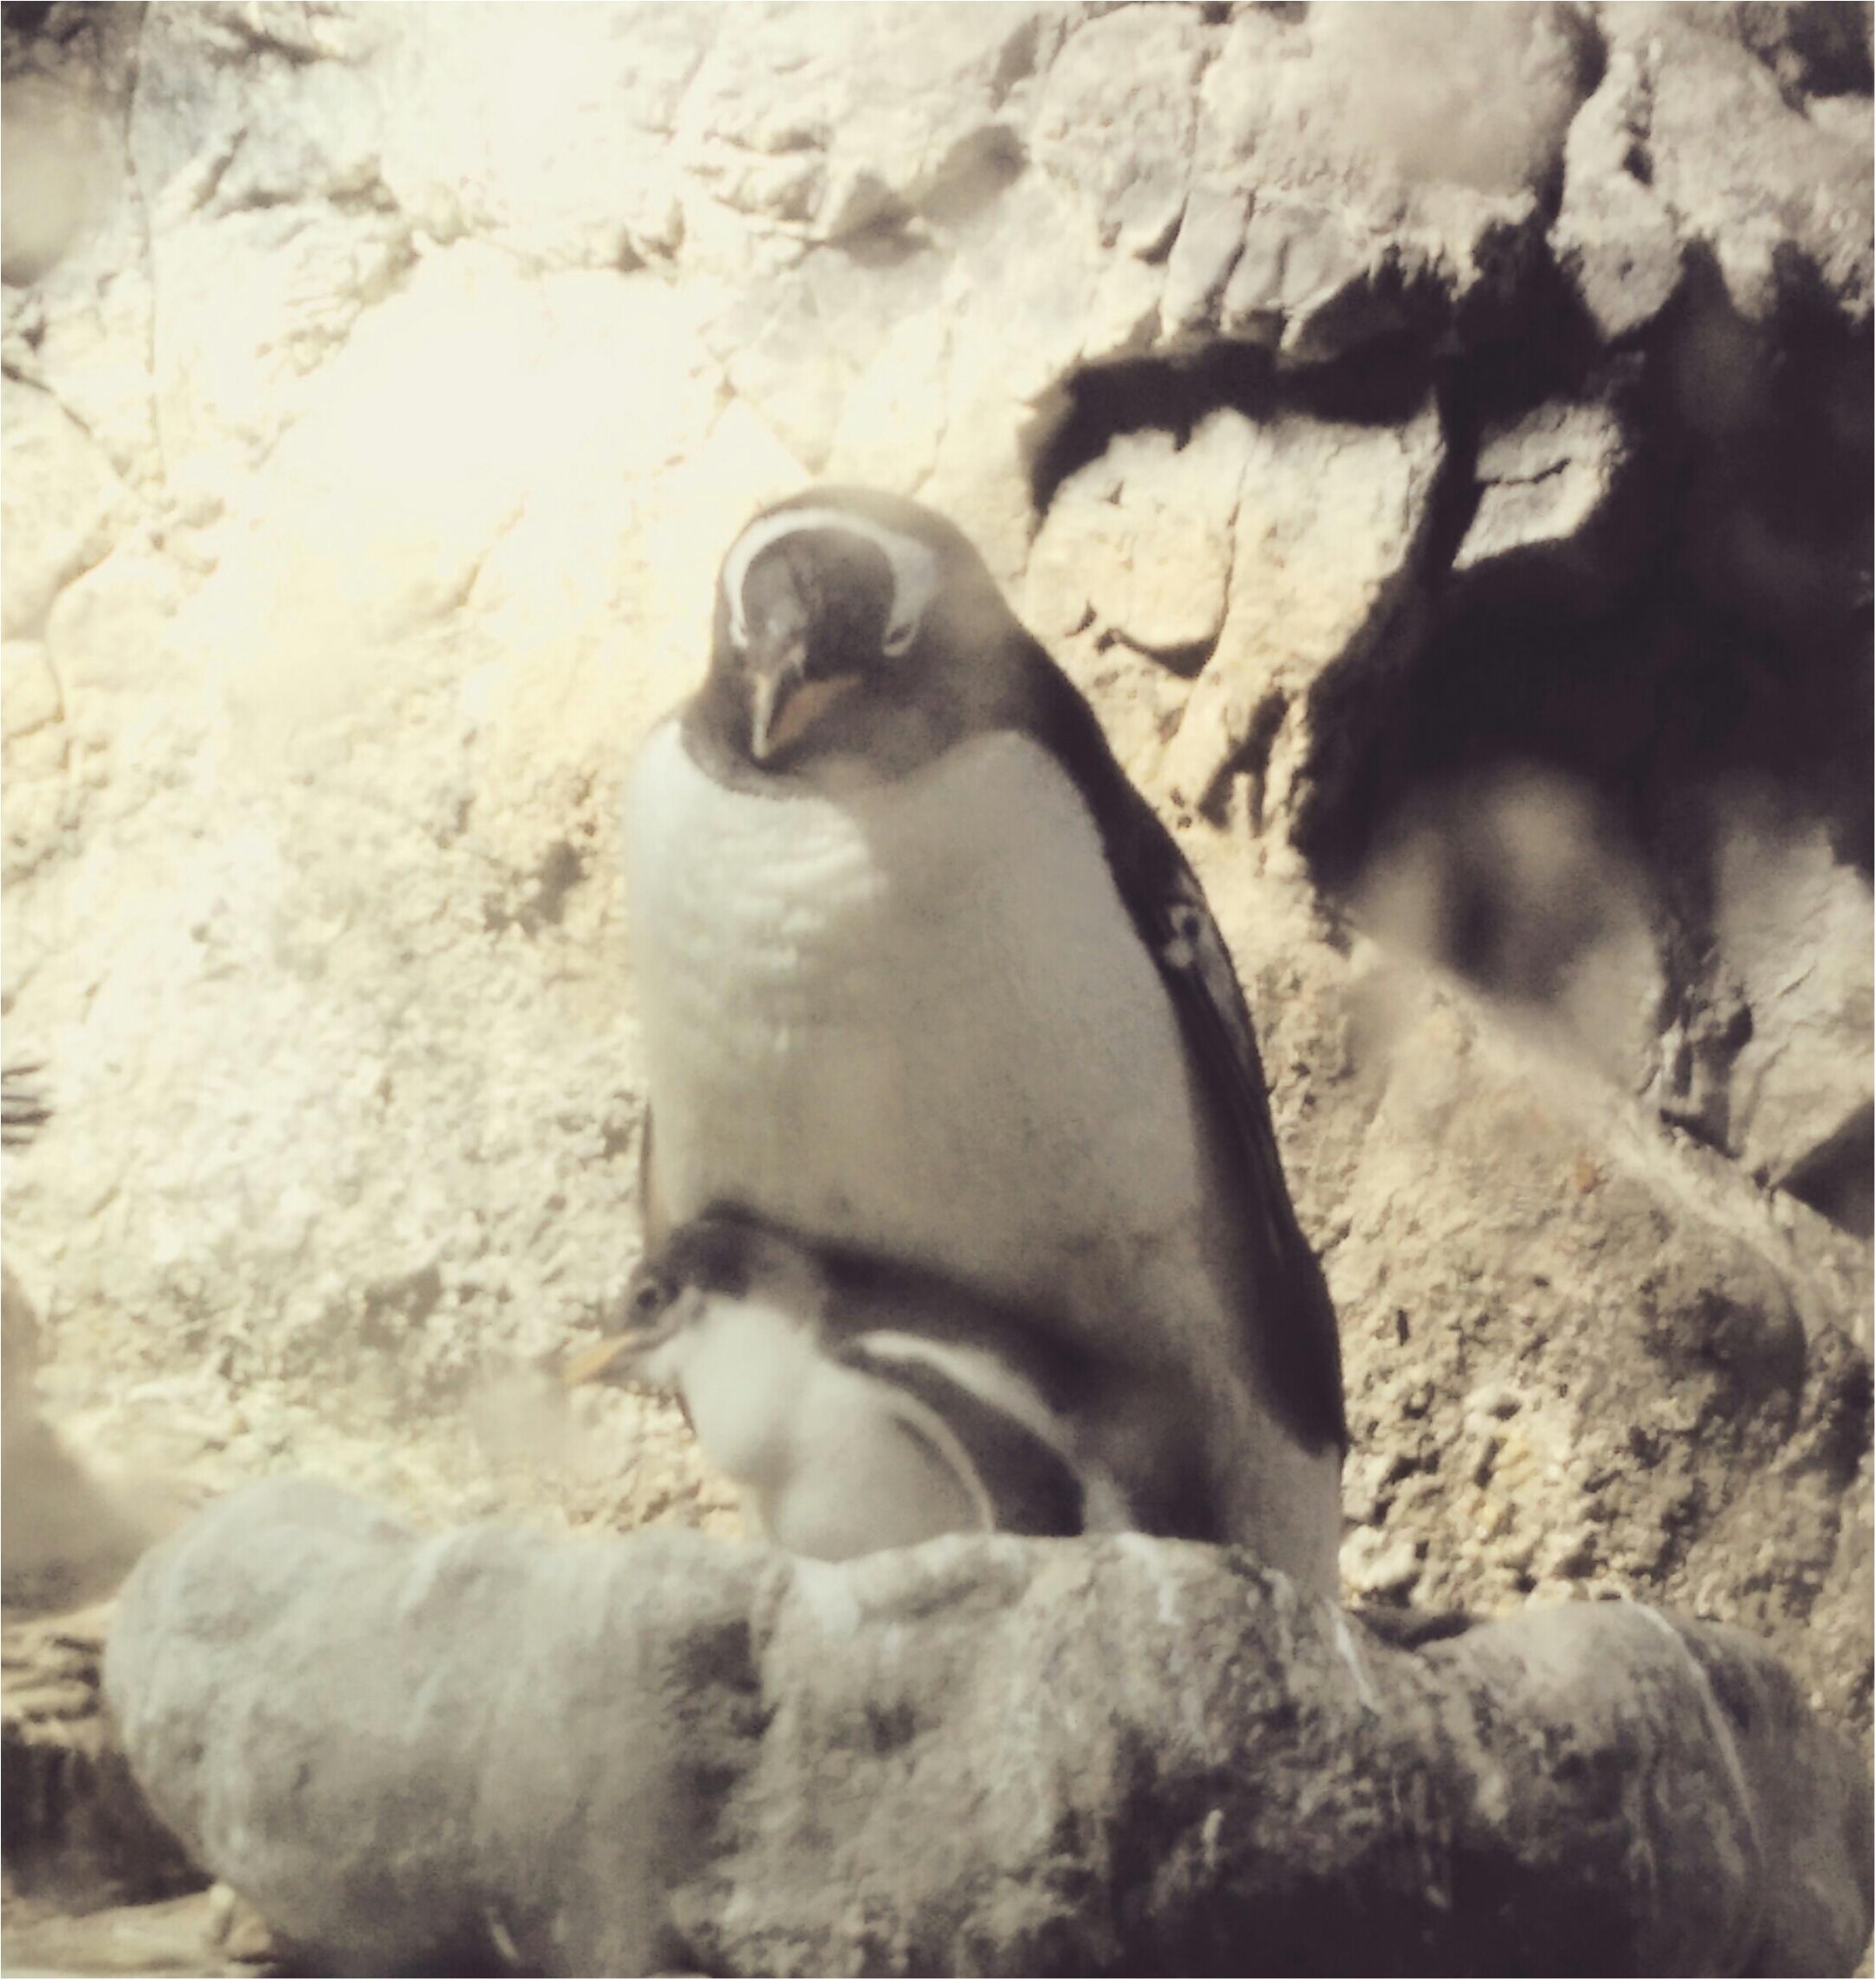 とっても可愛い!【海遊館】でペンギンの赤ちゃんが生まれましたよ!!(443 まゆ_1